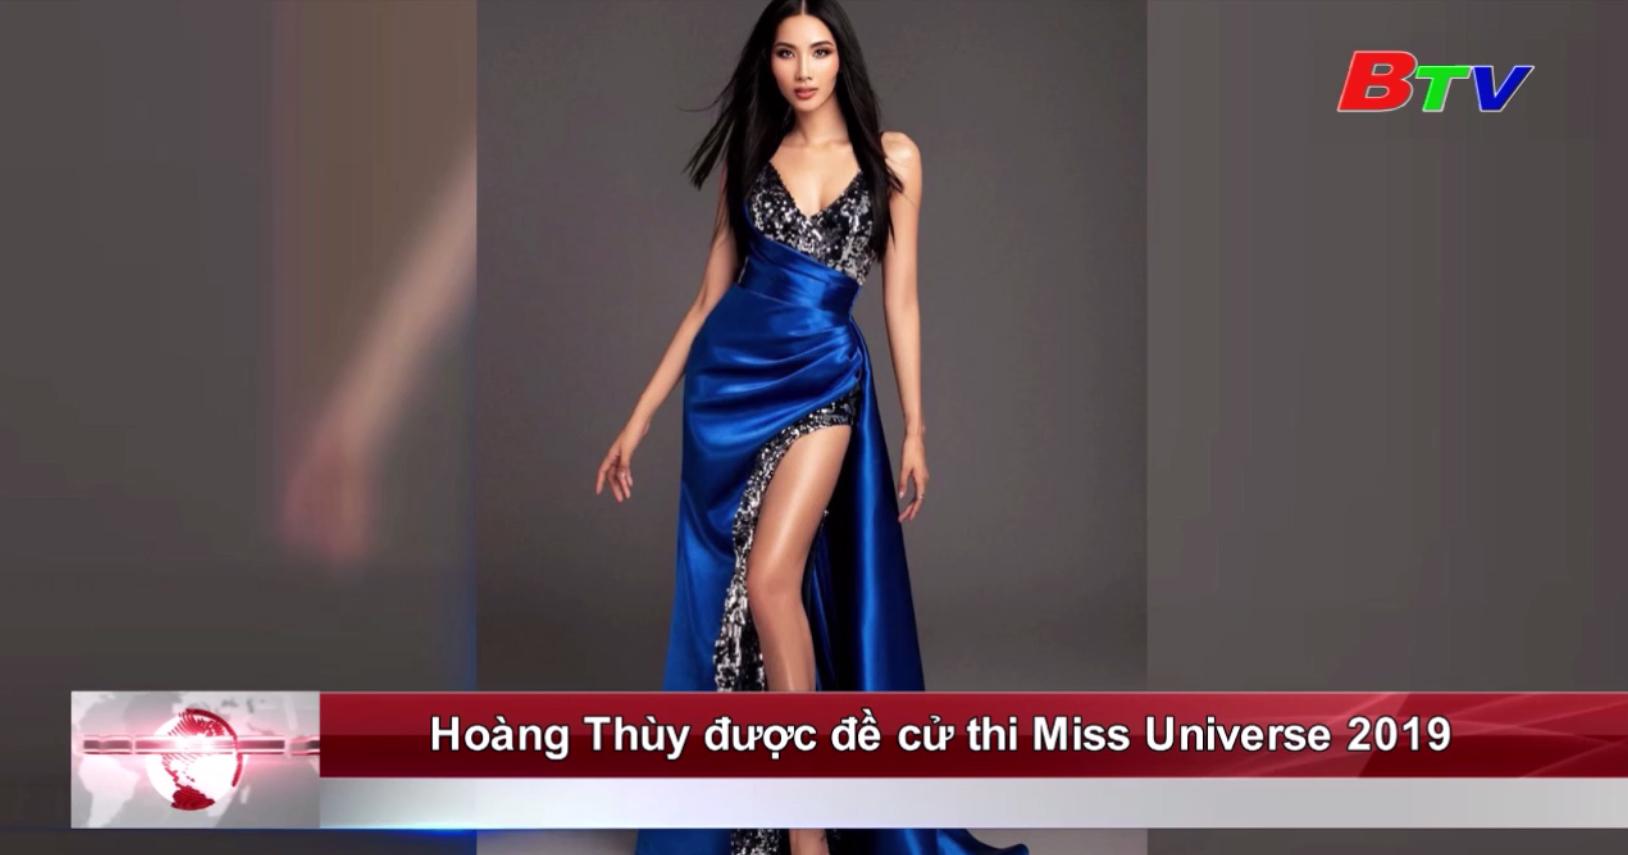 Hoàng Thùy được đề cử thi Miss Universe 2019